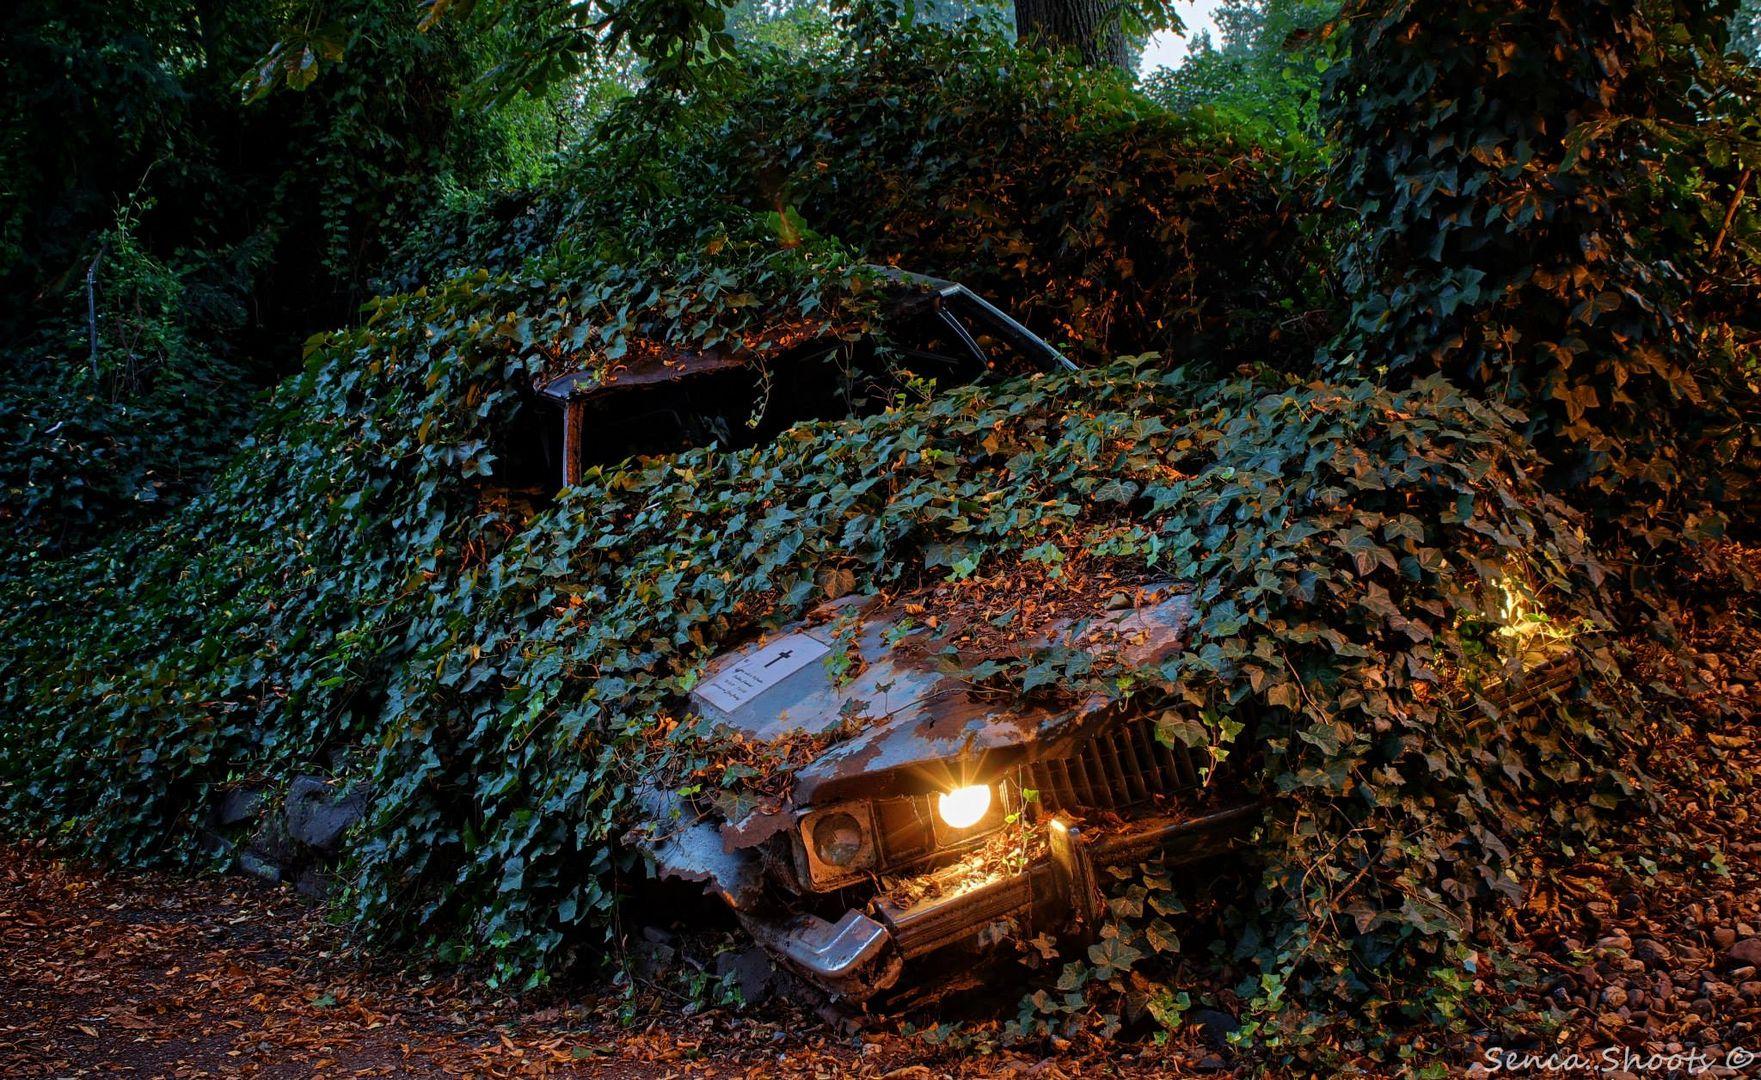 Hier ruht in Unfrieden Cadillac Fleetwood, 25.10.72 - 16.9.83, gefahren von Elvis Presley